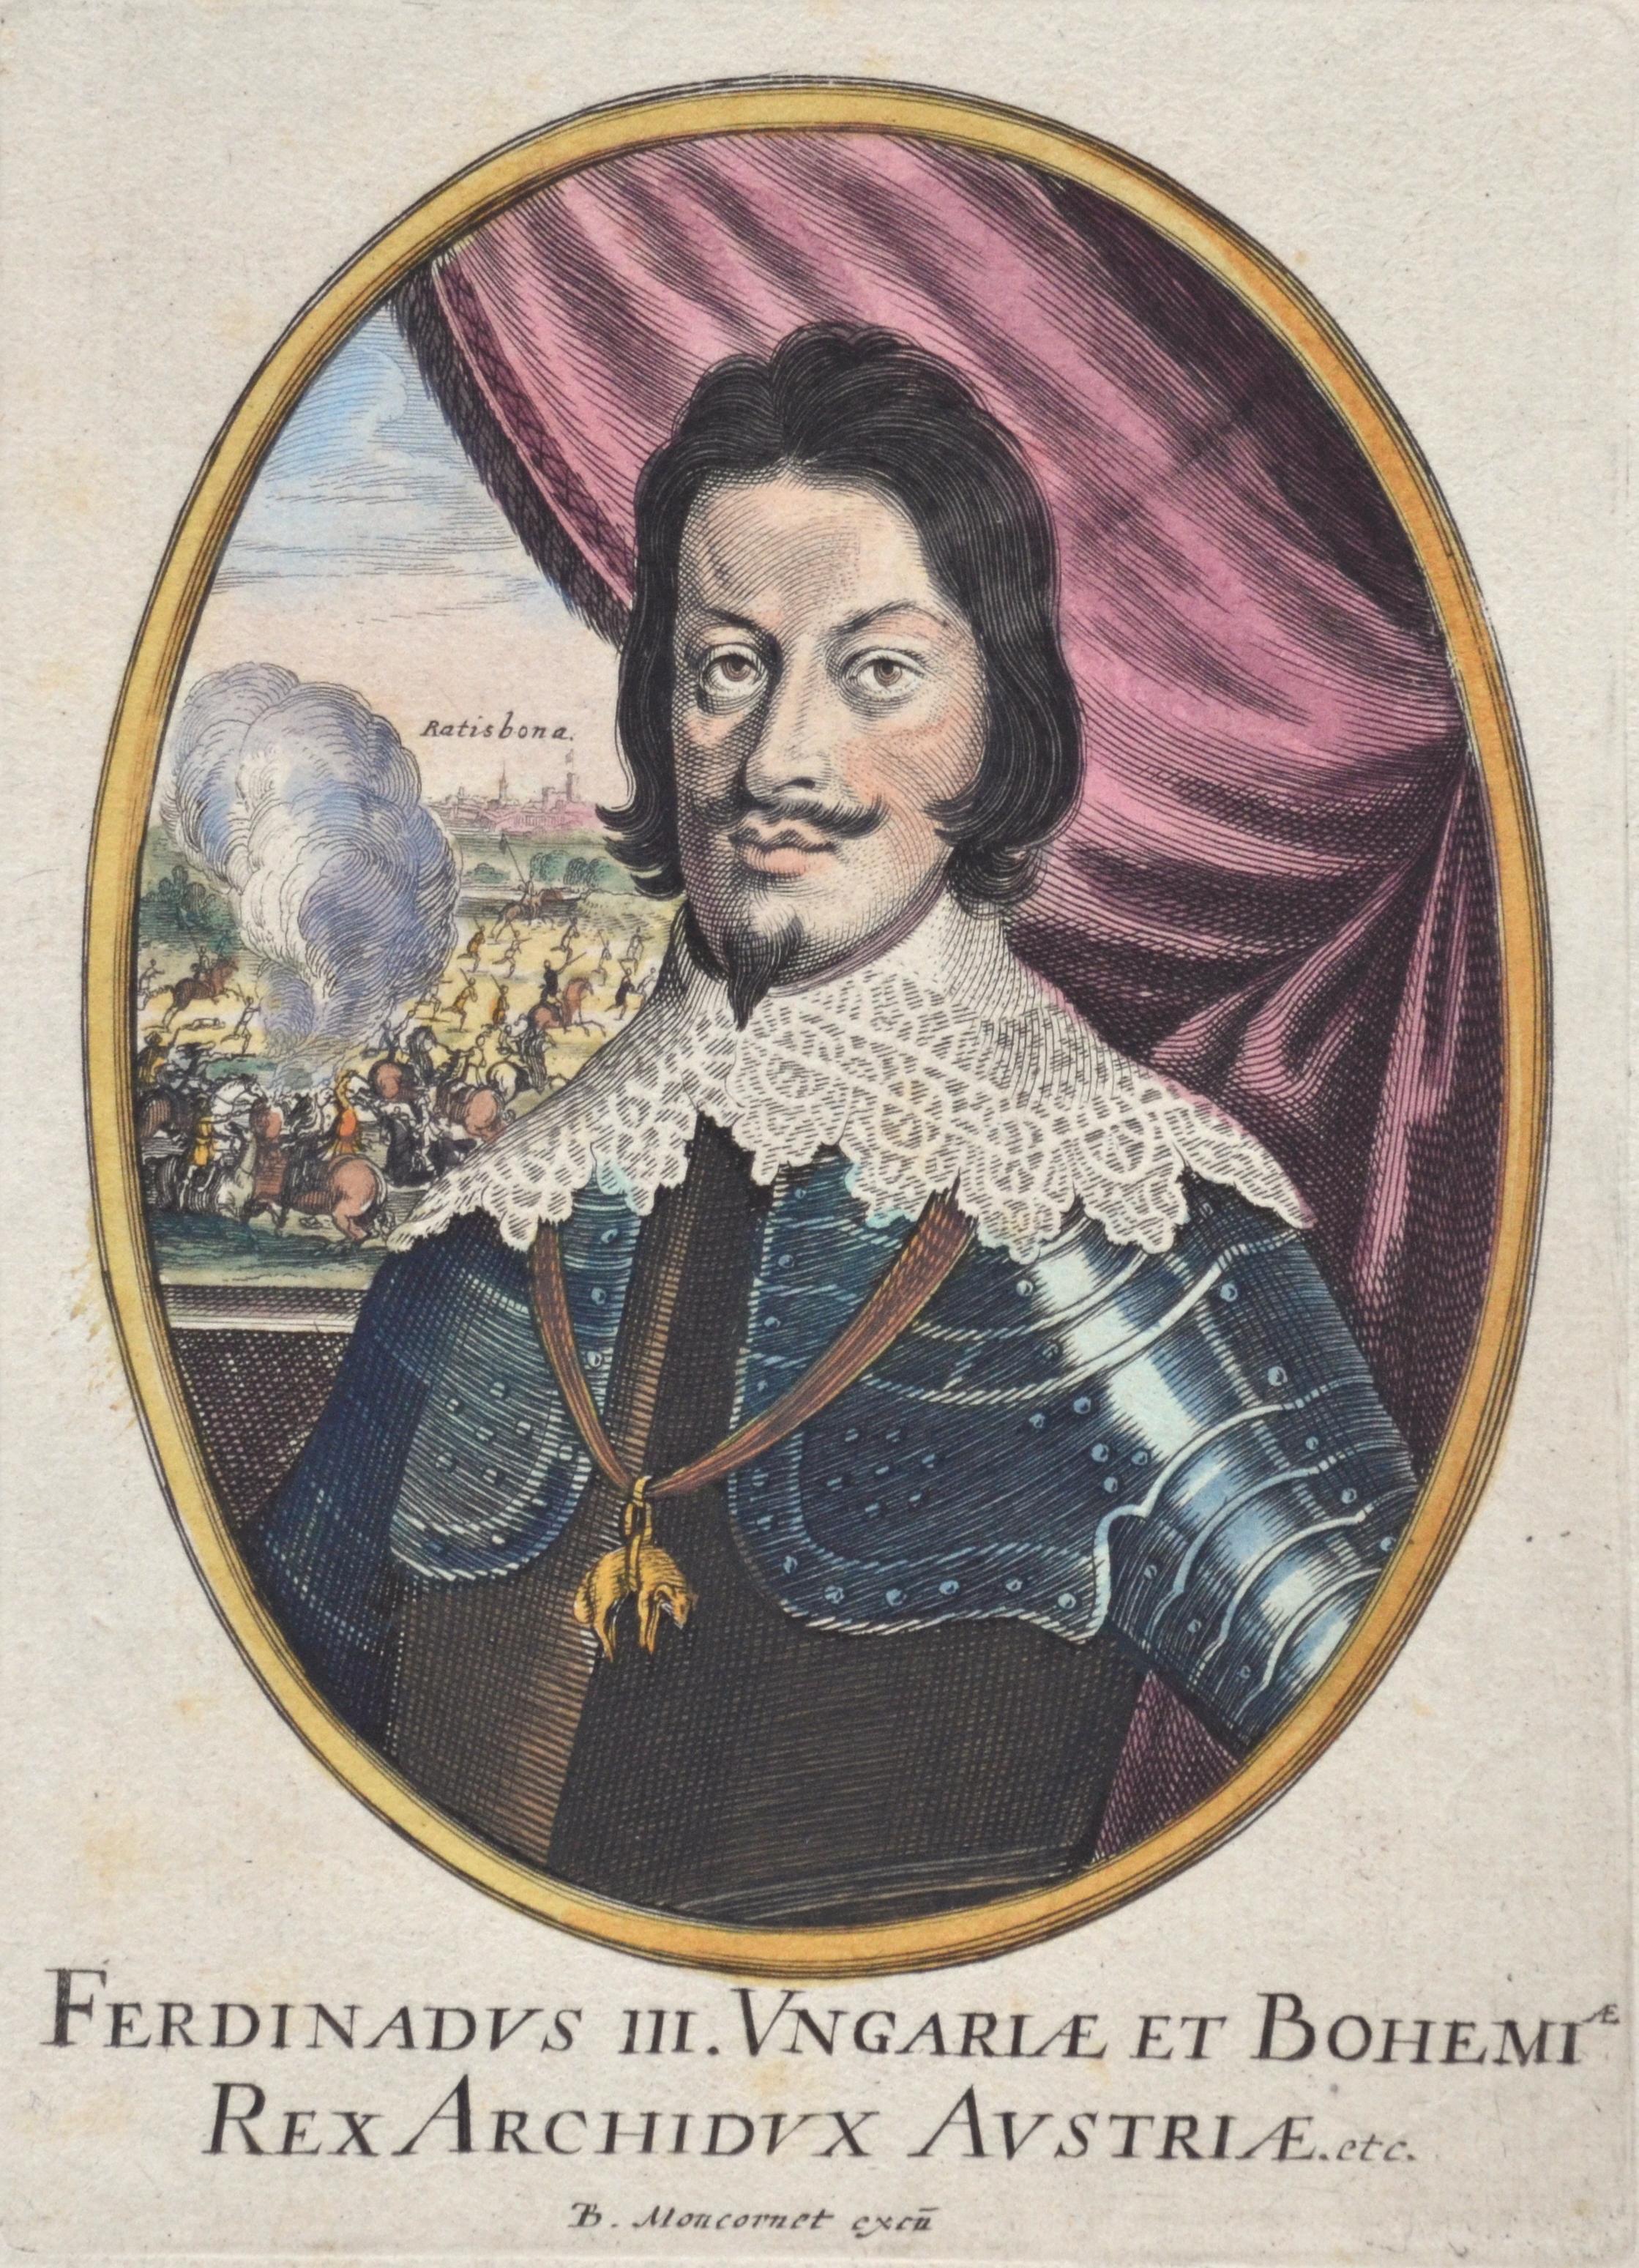 Moncornet  Ferdinadus III. Ungariae et Bohemiae Rex Archidux Austriae etc.